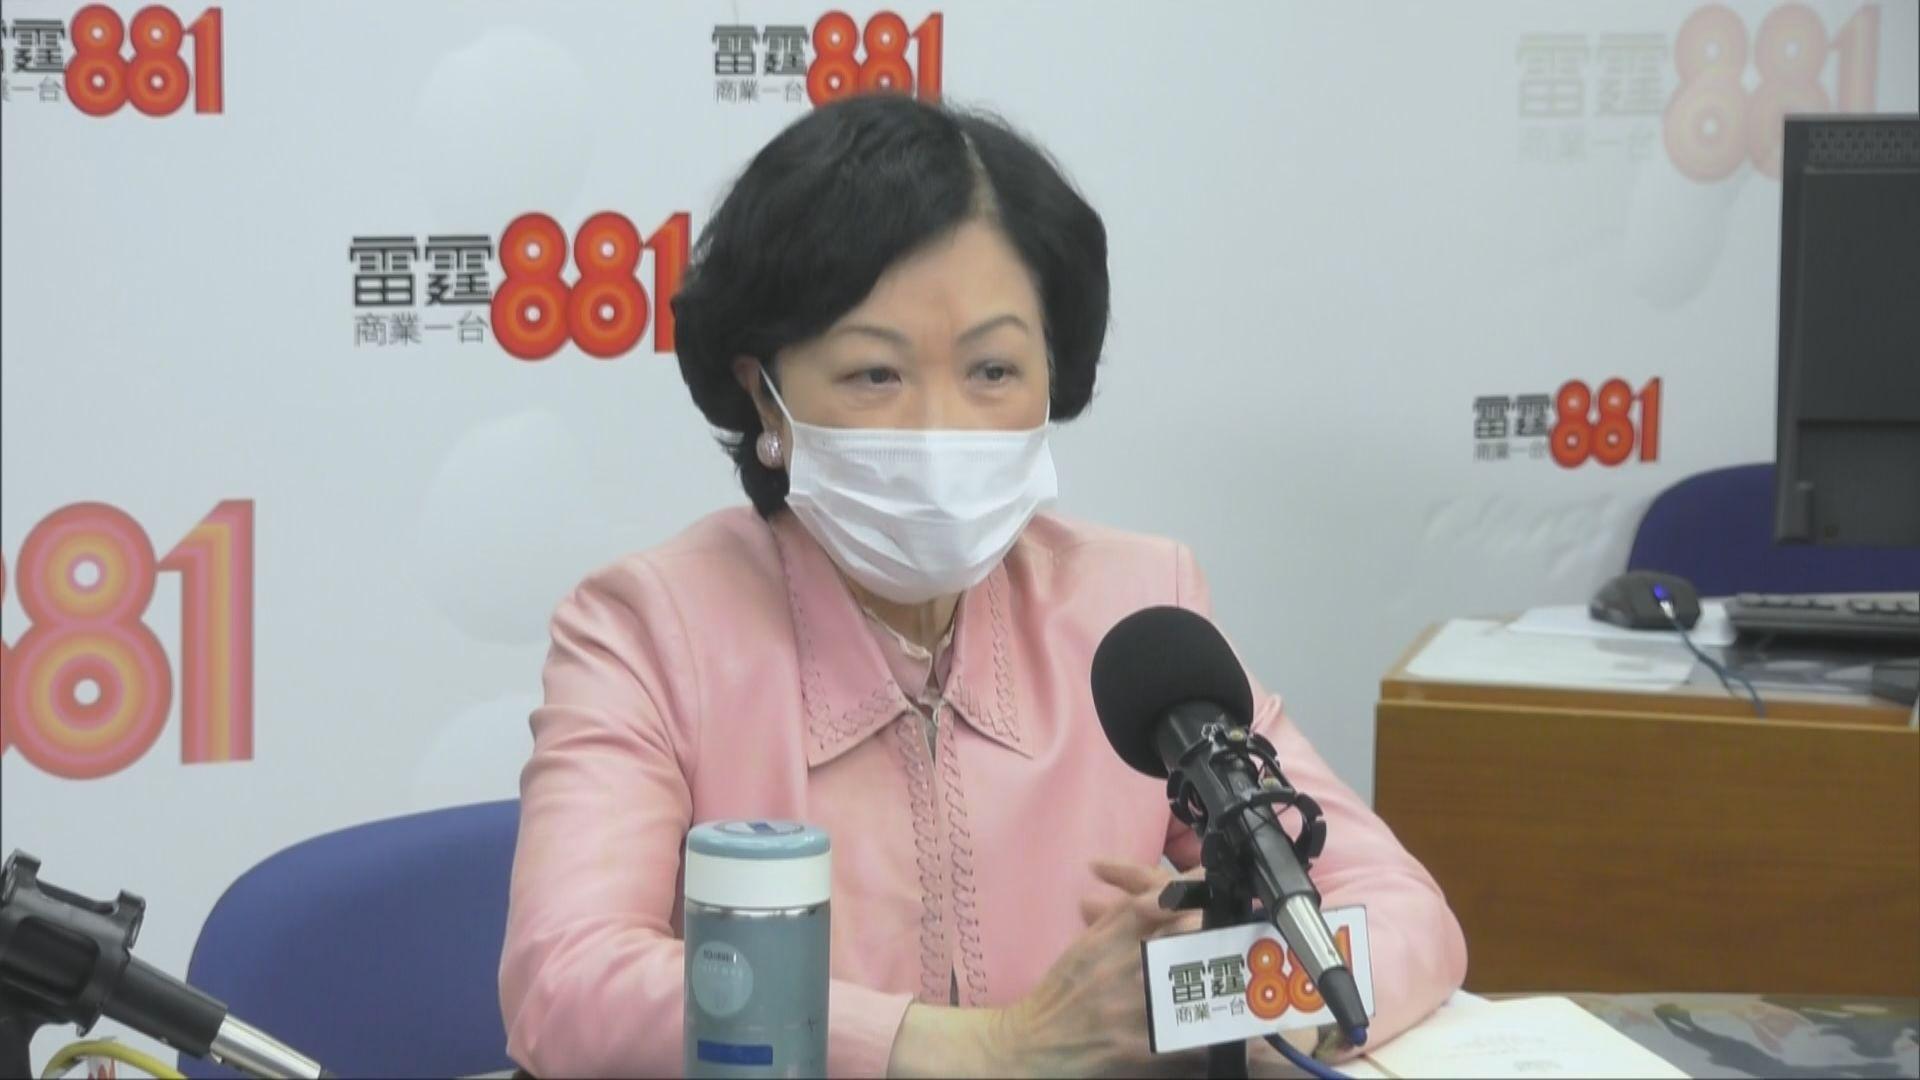 葉劉淑儀:今年六四集會秩序好 國安法後都不會犯法